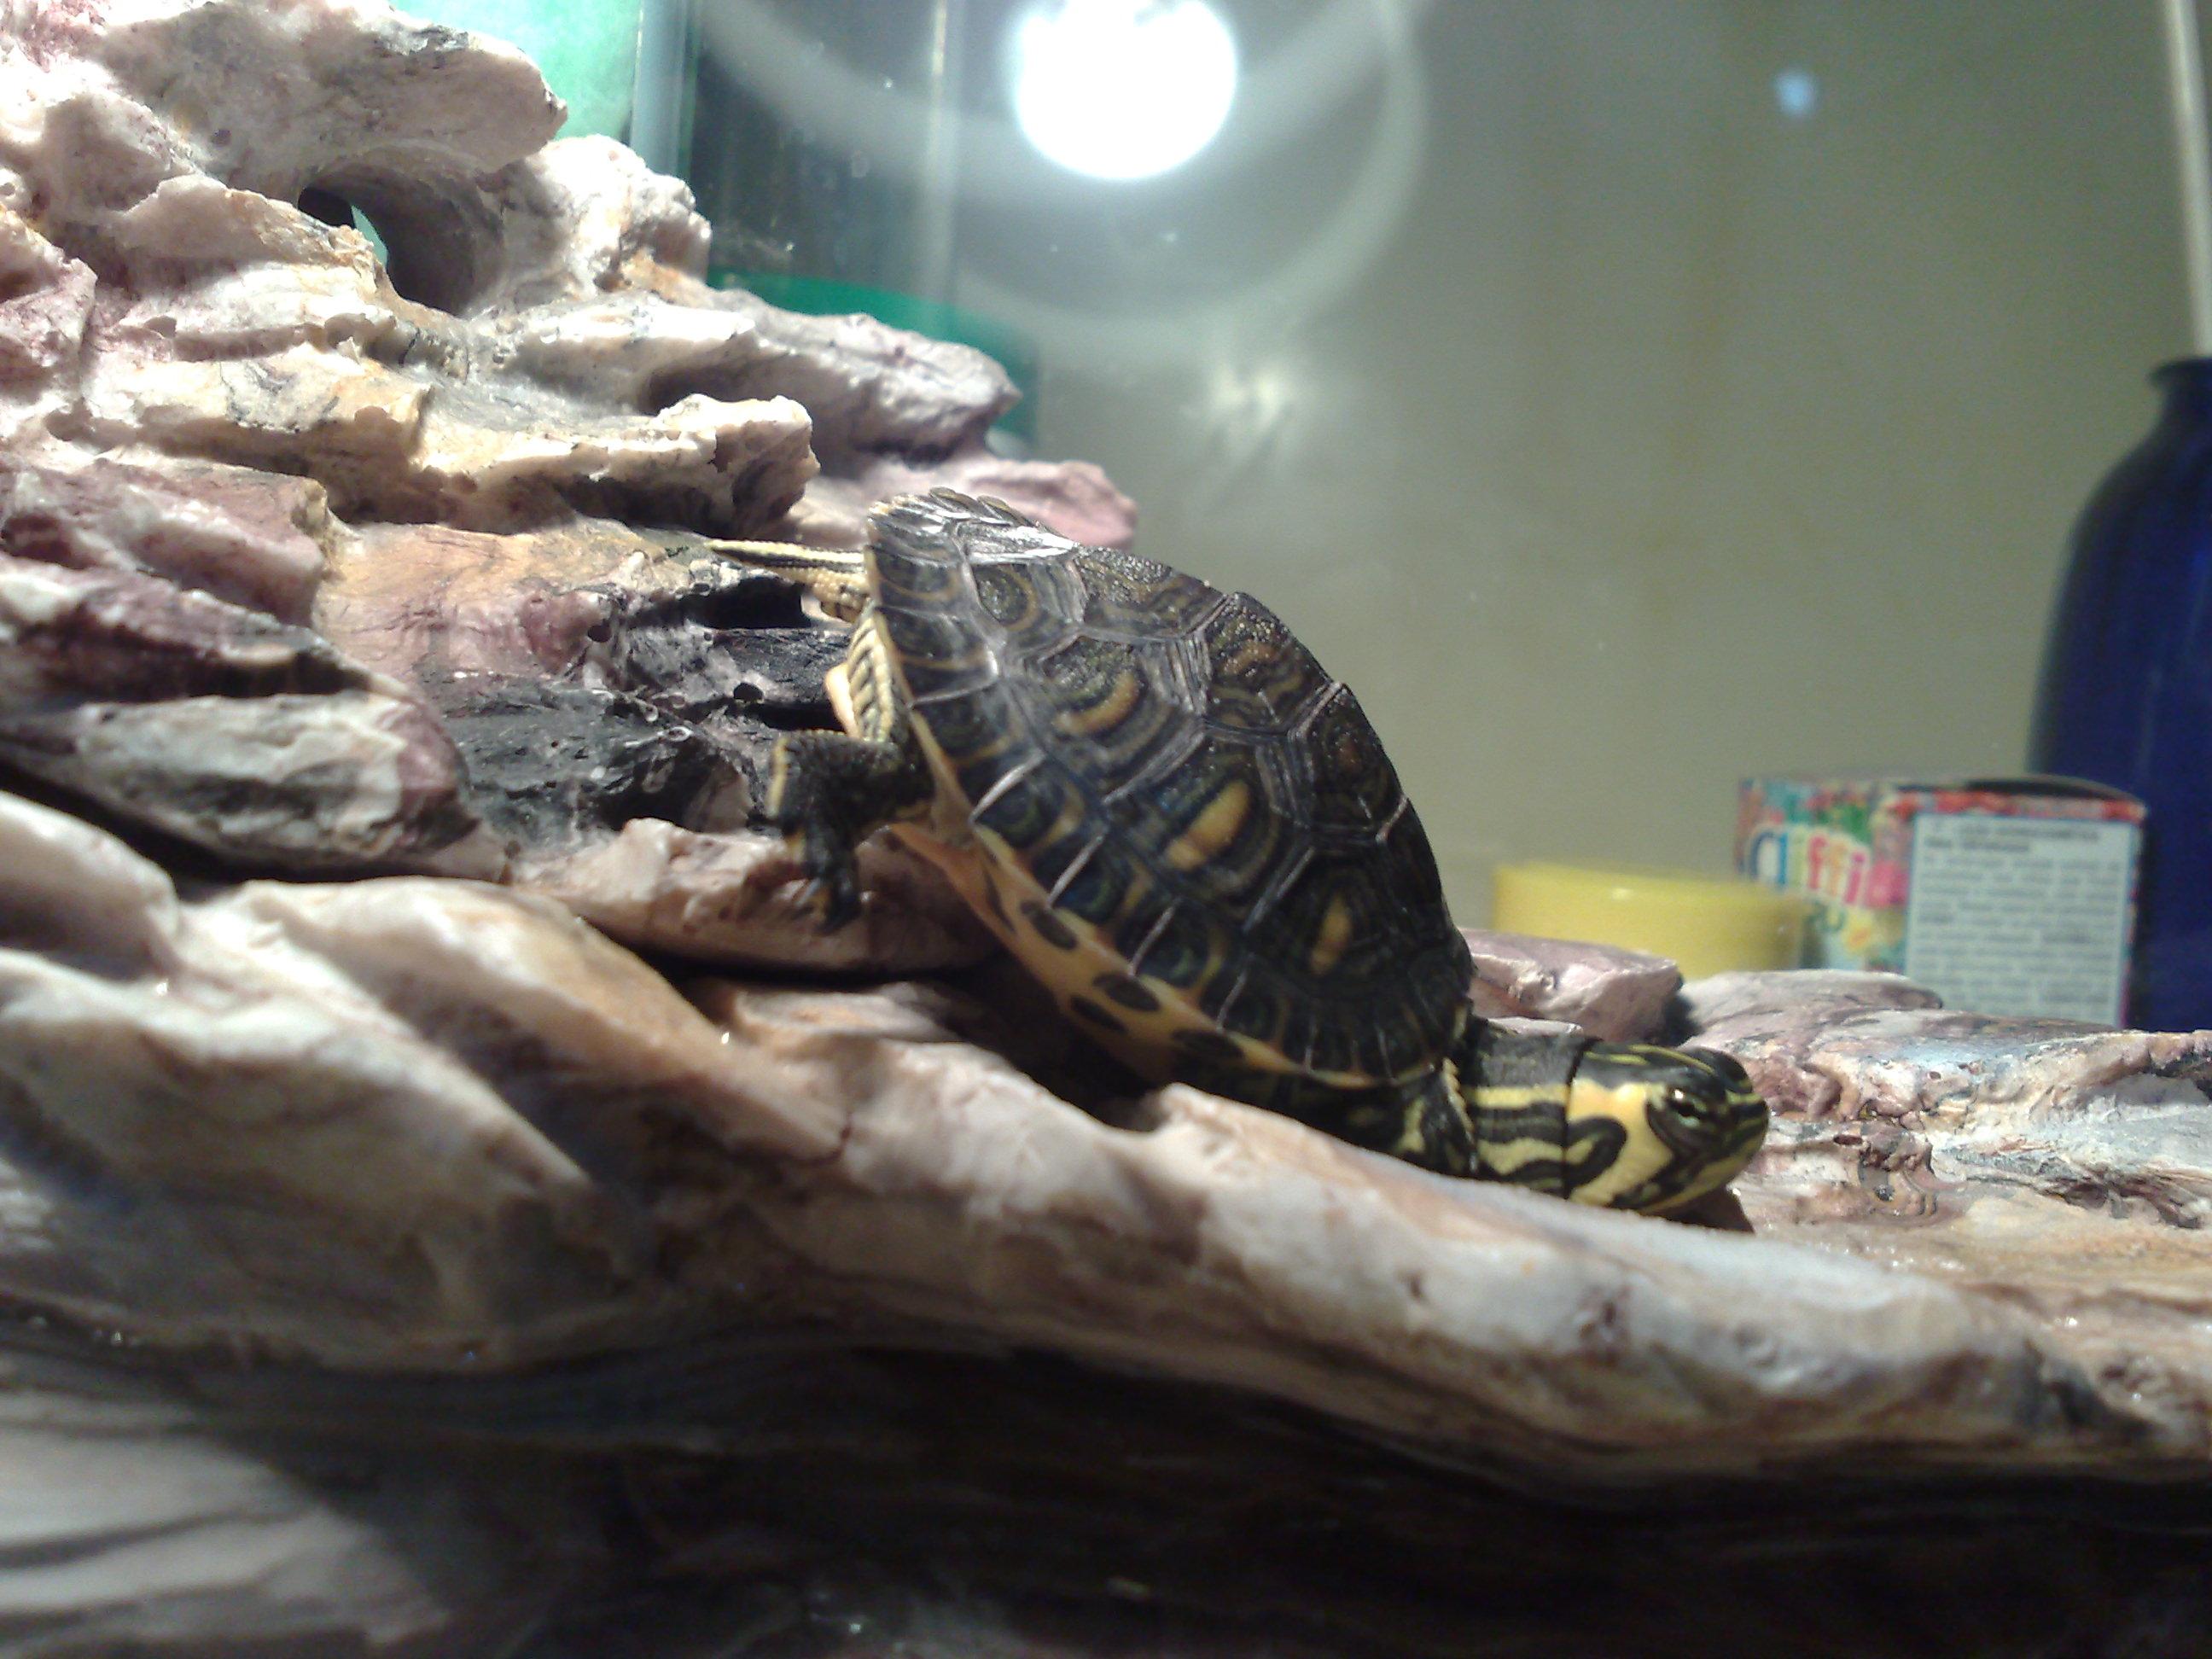 Tartaruga nell 39 acquario petpassion for Acquario tartarughe prezzo